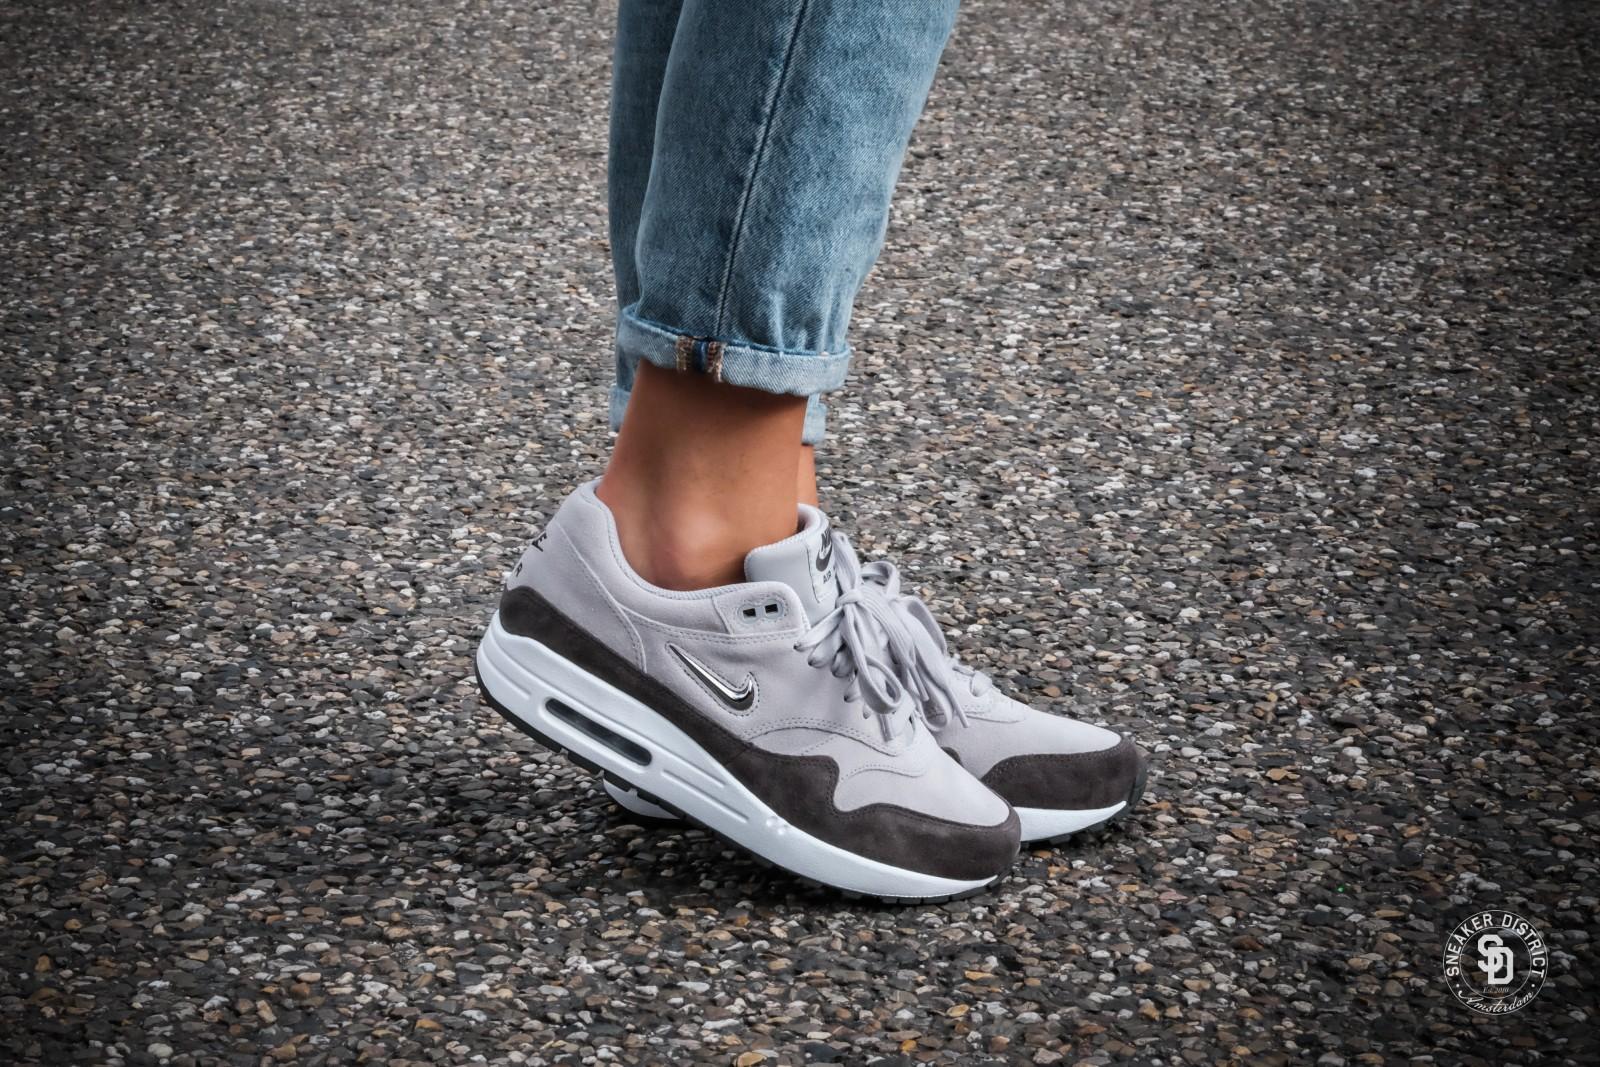 Nike-Womens-Air-Max-1-Premium-SC-Jewel